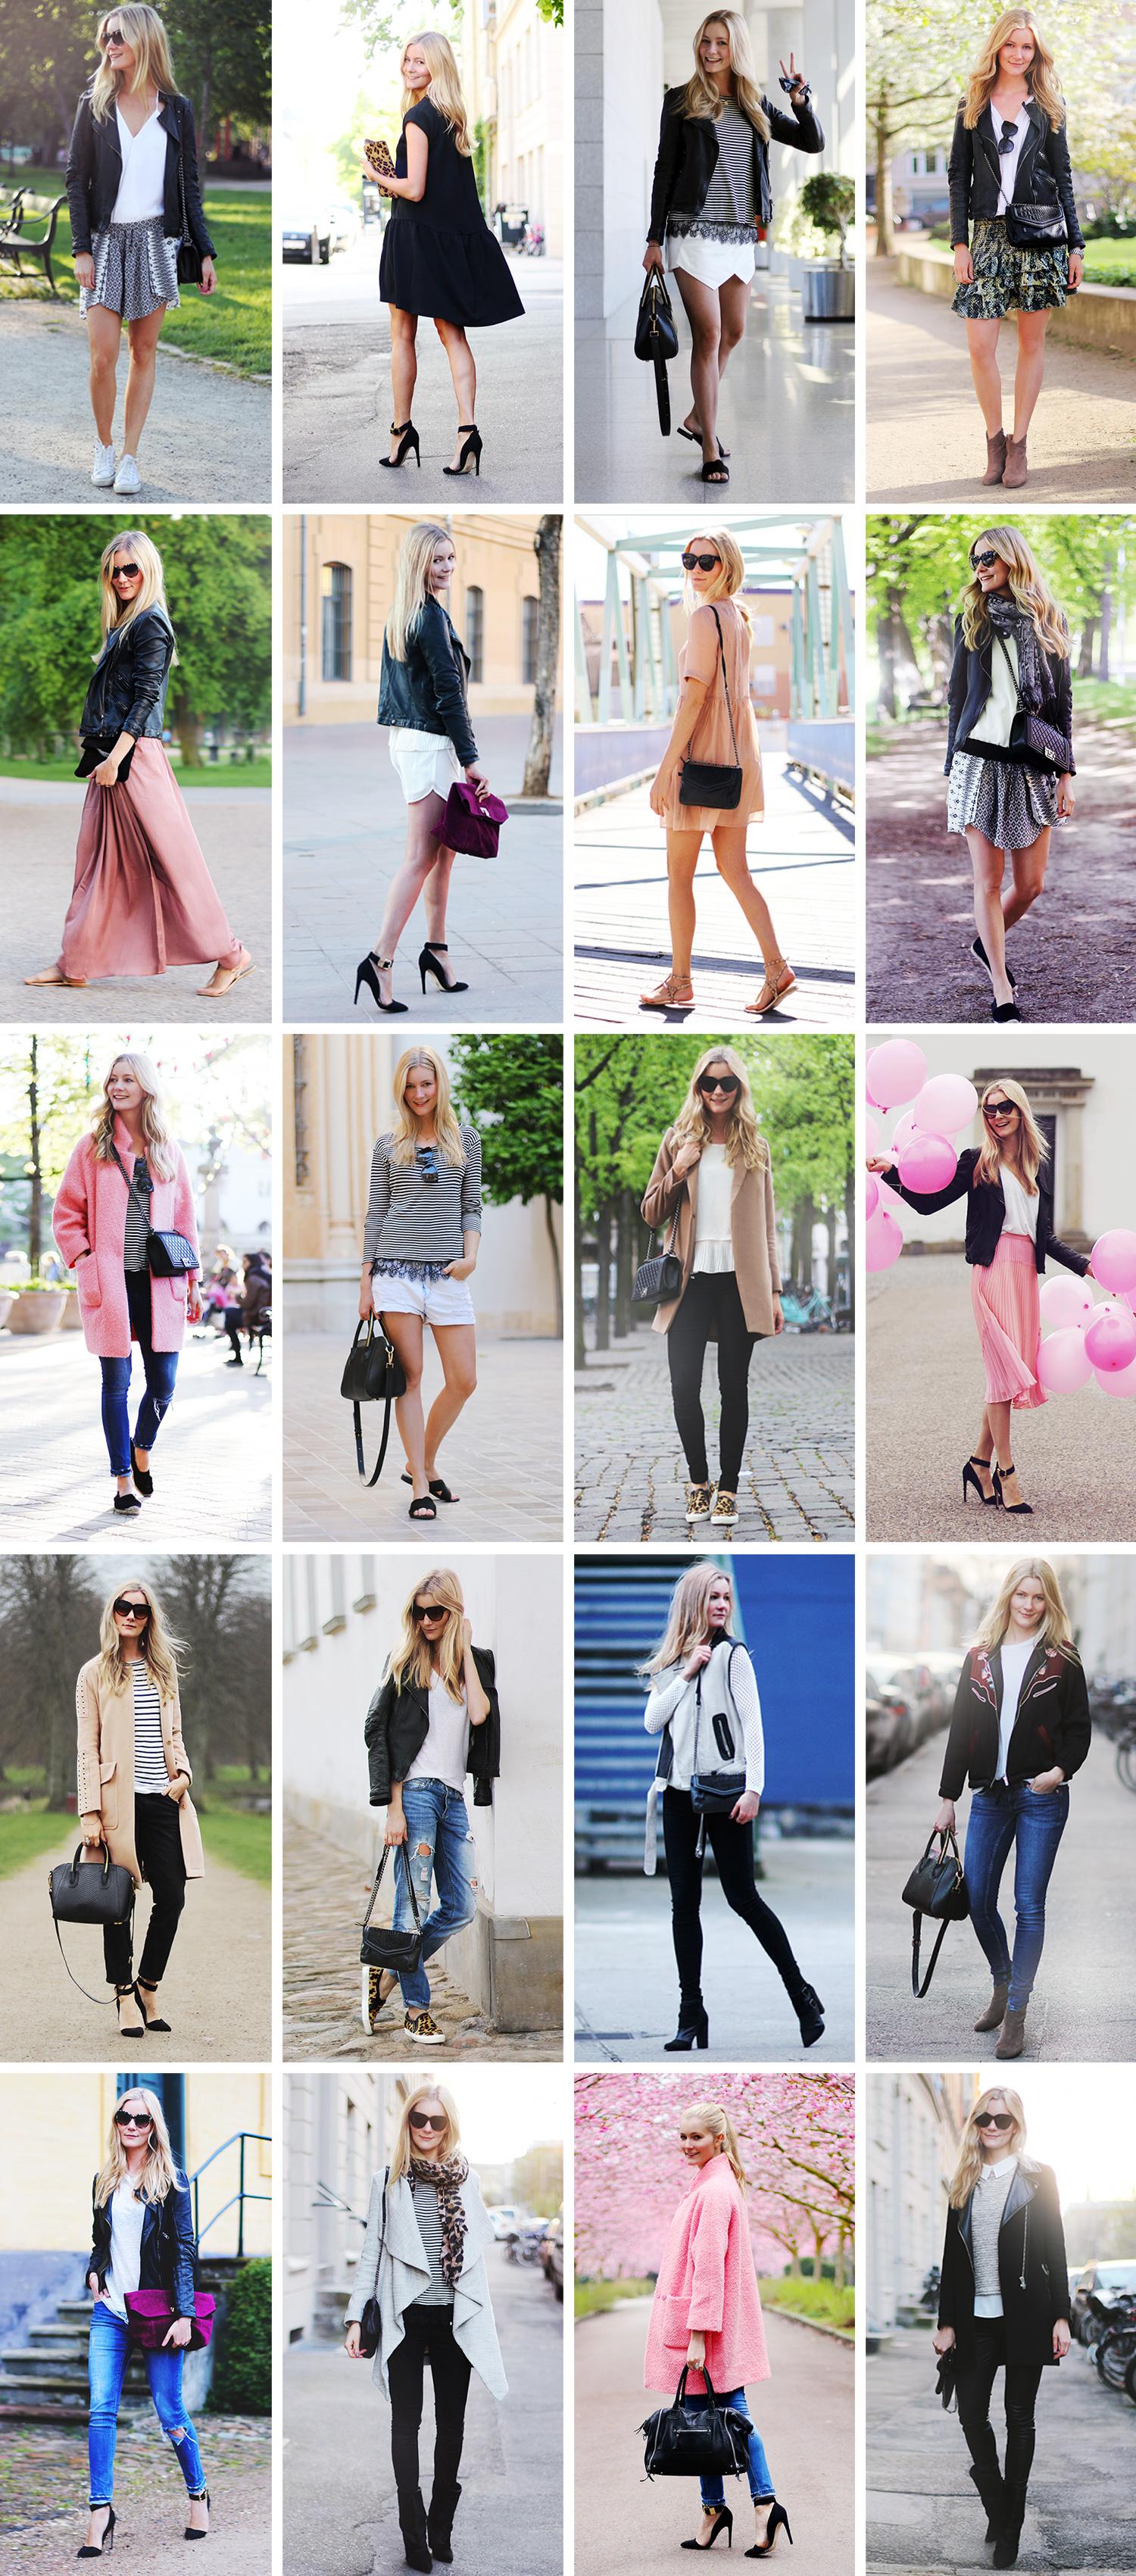 danmarks-største-modeblog@2x